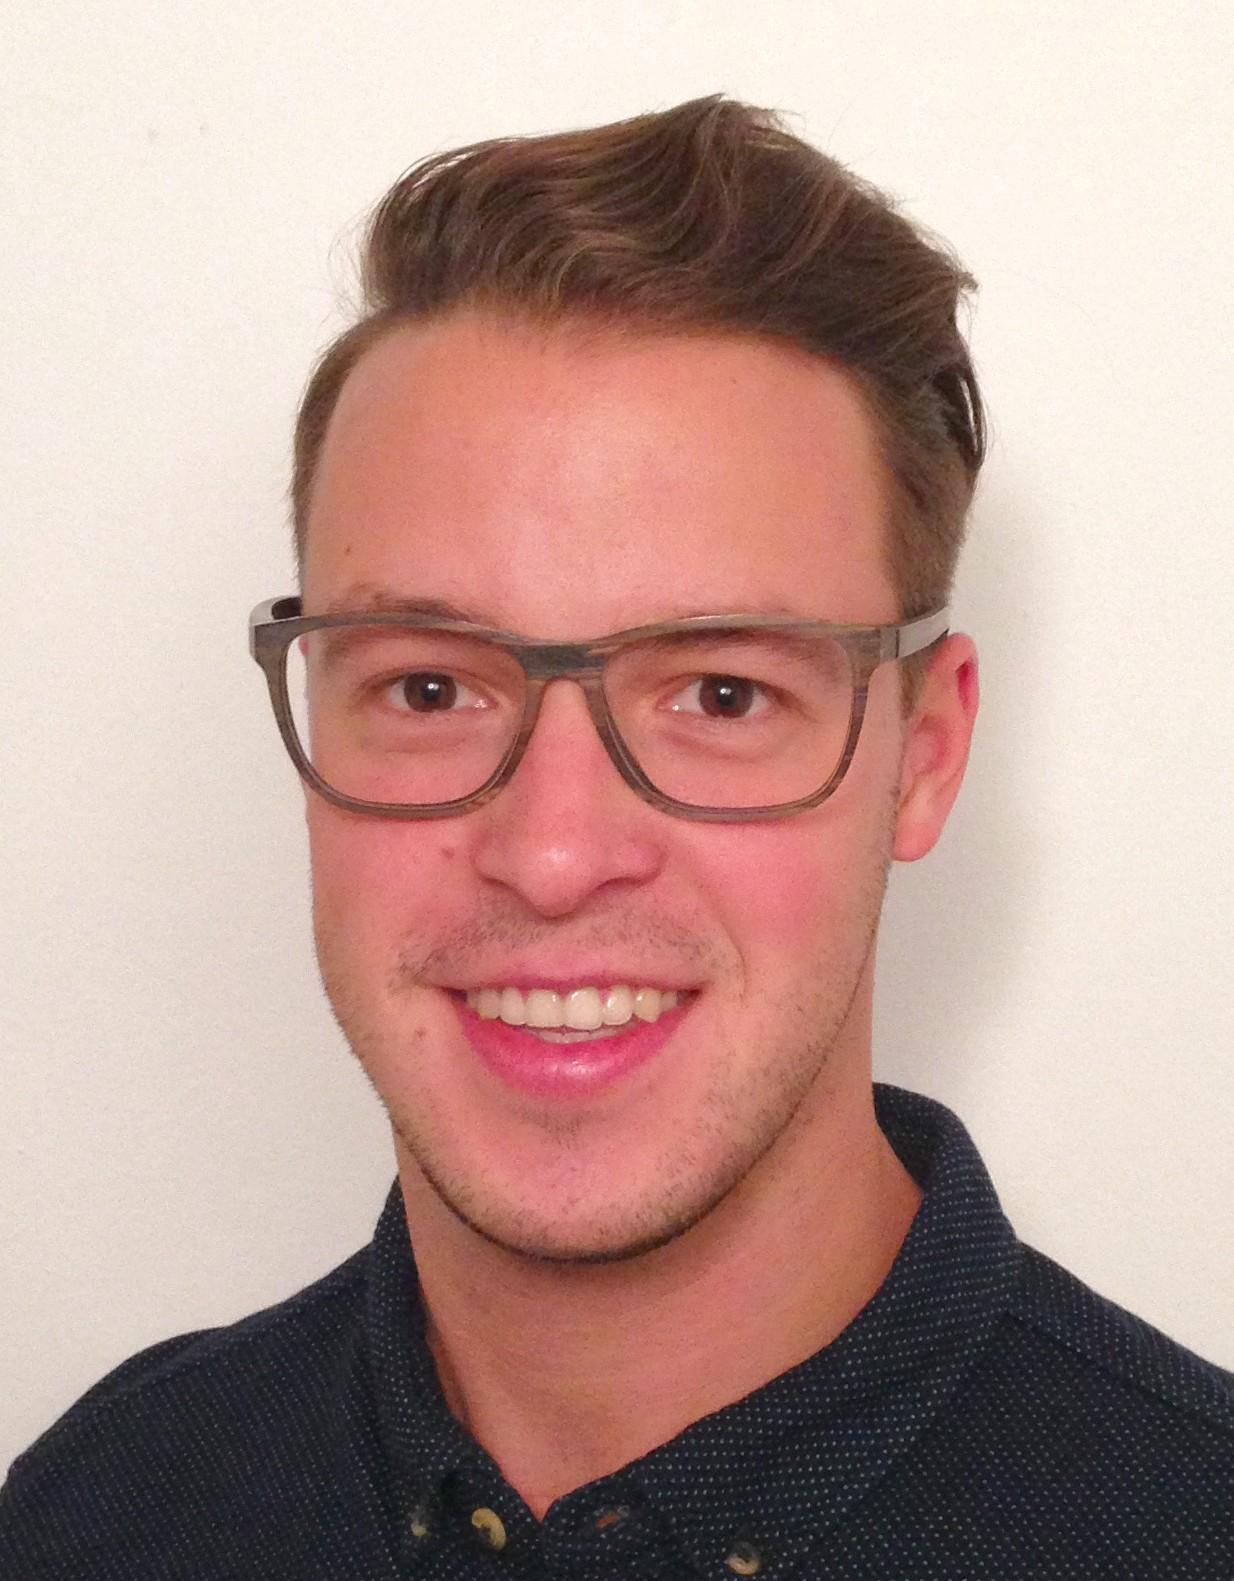 Andreas Köninger